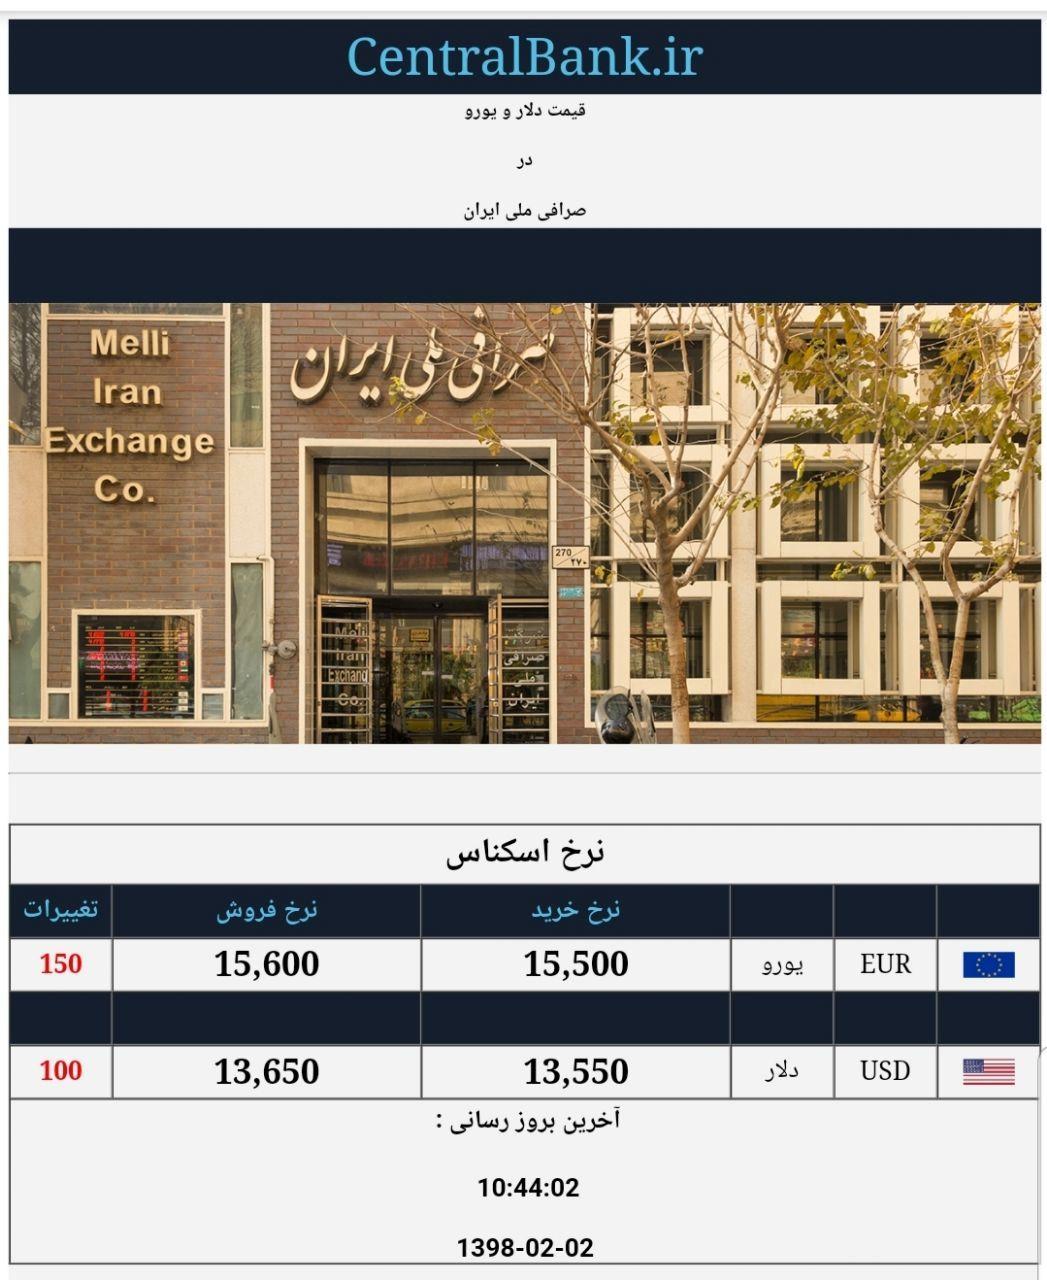 قیمت دلار و یورو در صرافی ملی امروز ۱۳۹۸/۰۲/۰۲